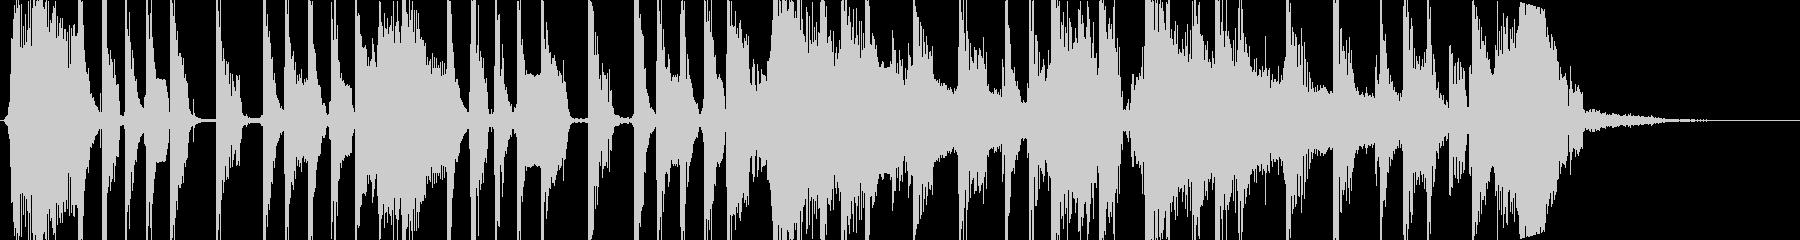 乾いたエレキギターによる短い曲の未再生の波形